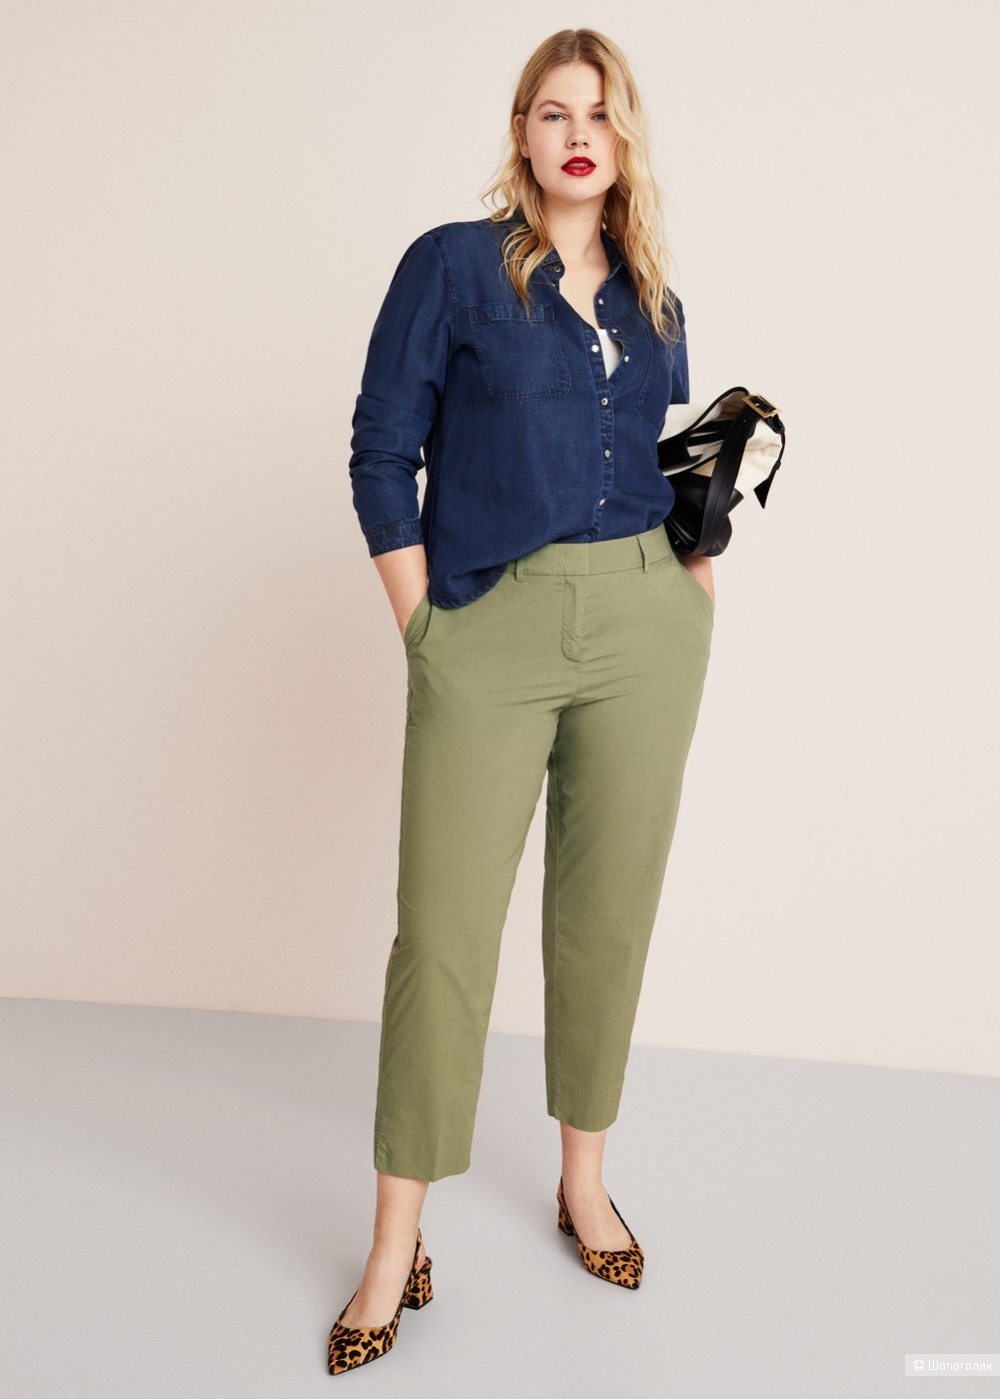 Хлопковые брюки mango, размер L